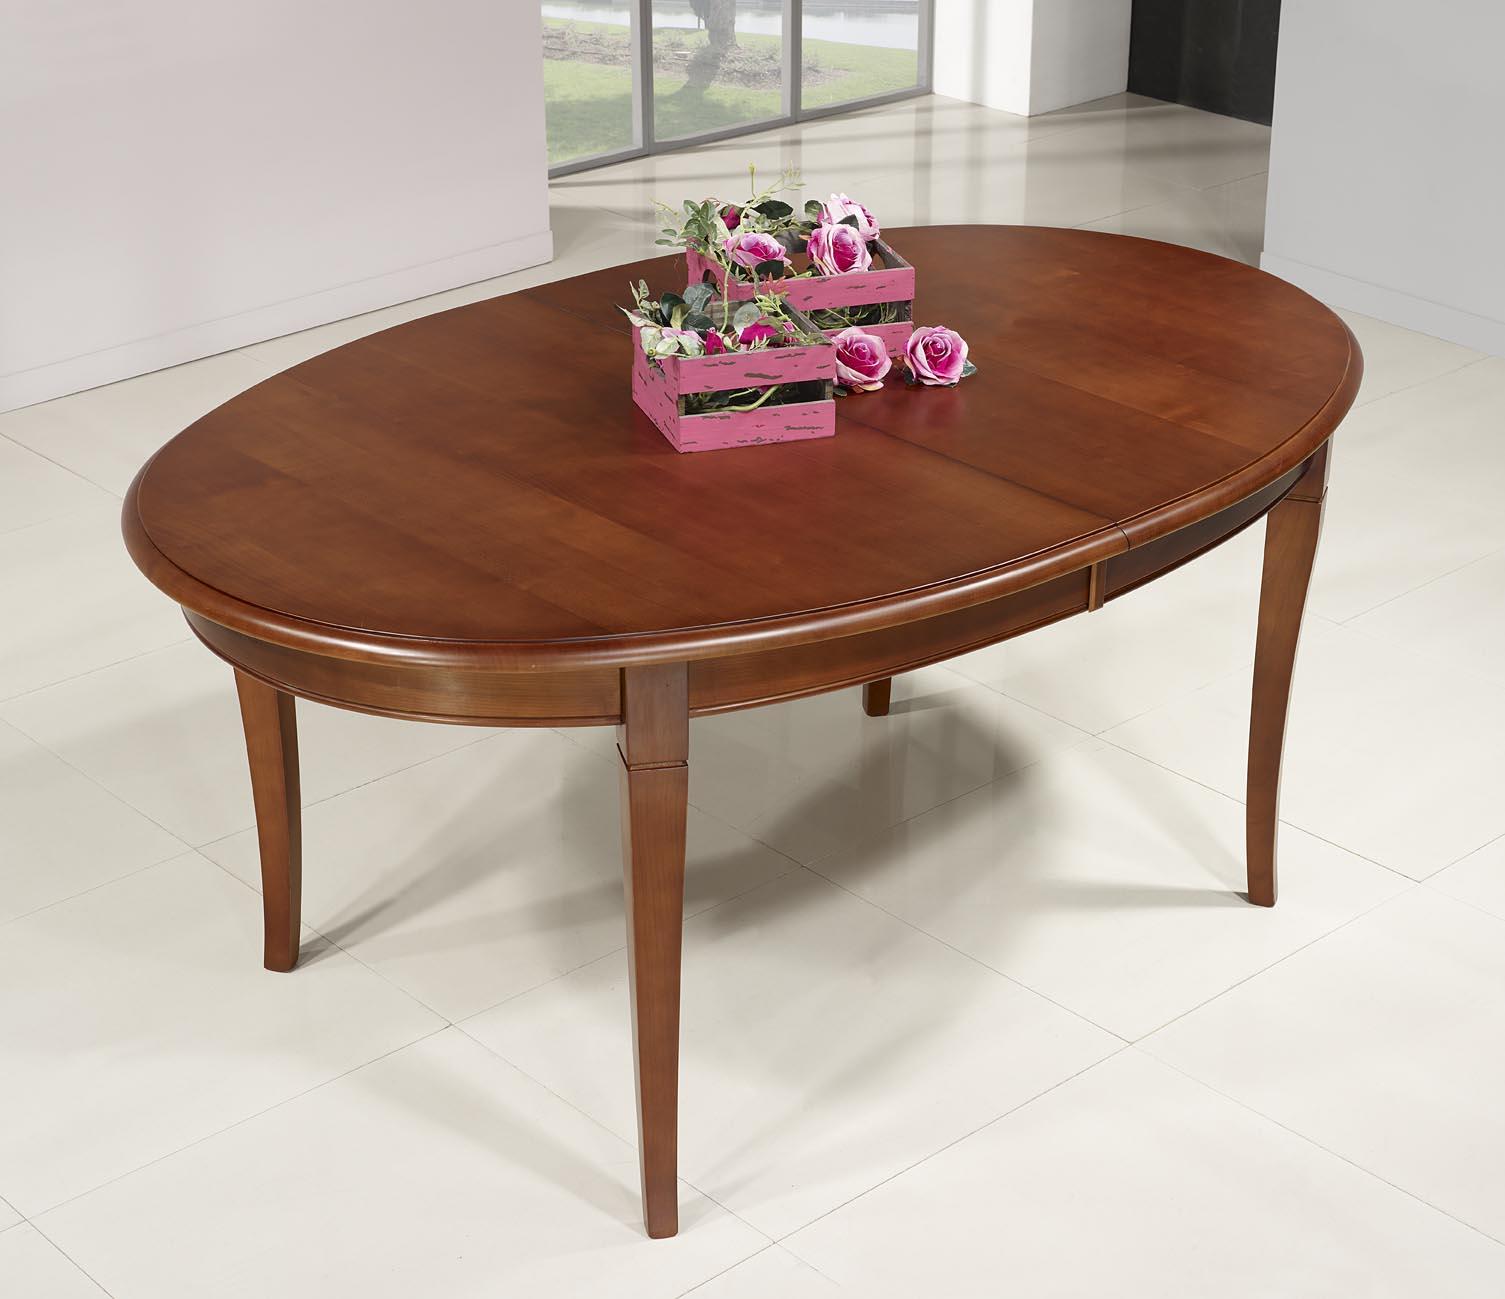 Mesa de comedor ovalada estelle hecha en madera maciza de - Mesa ovalada comedor ...